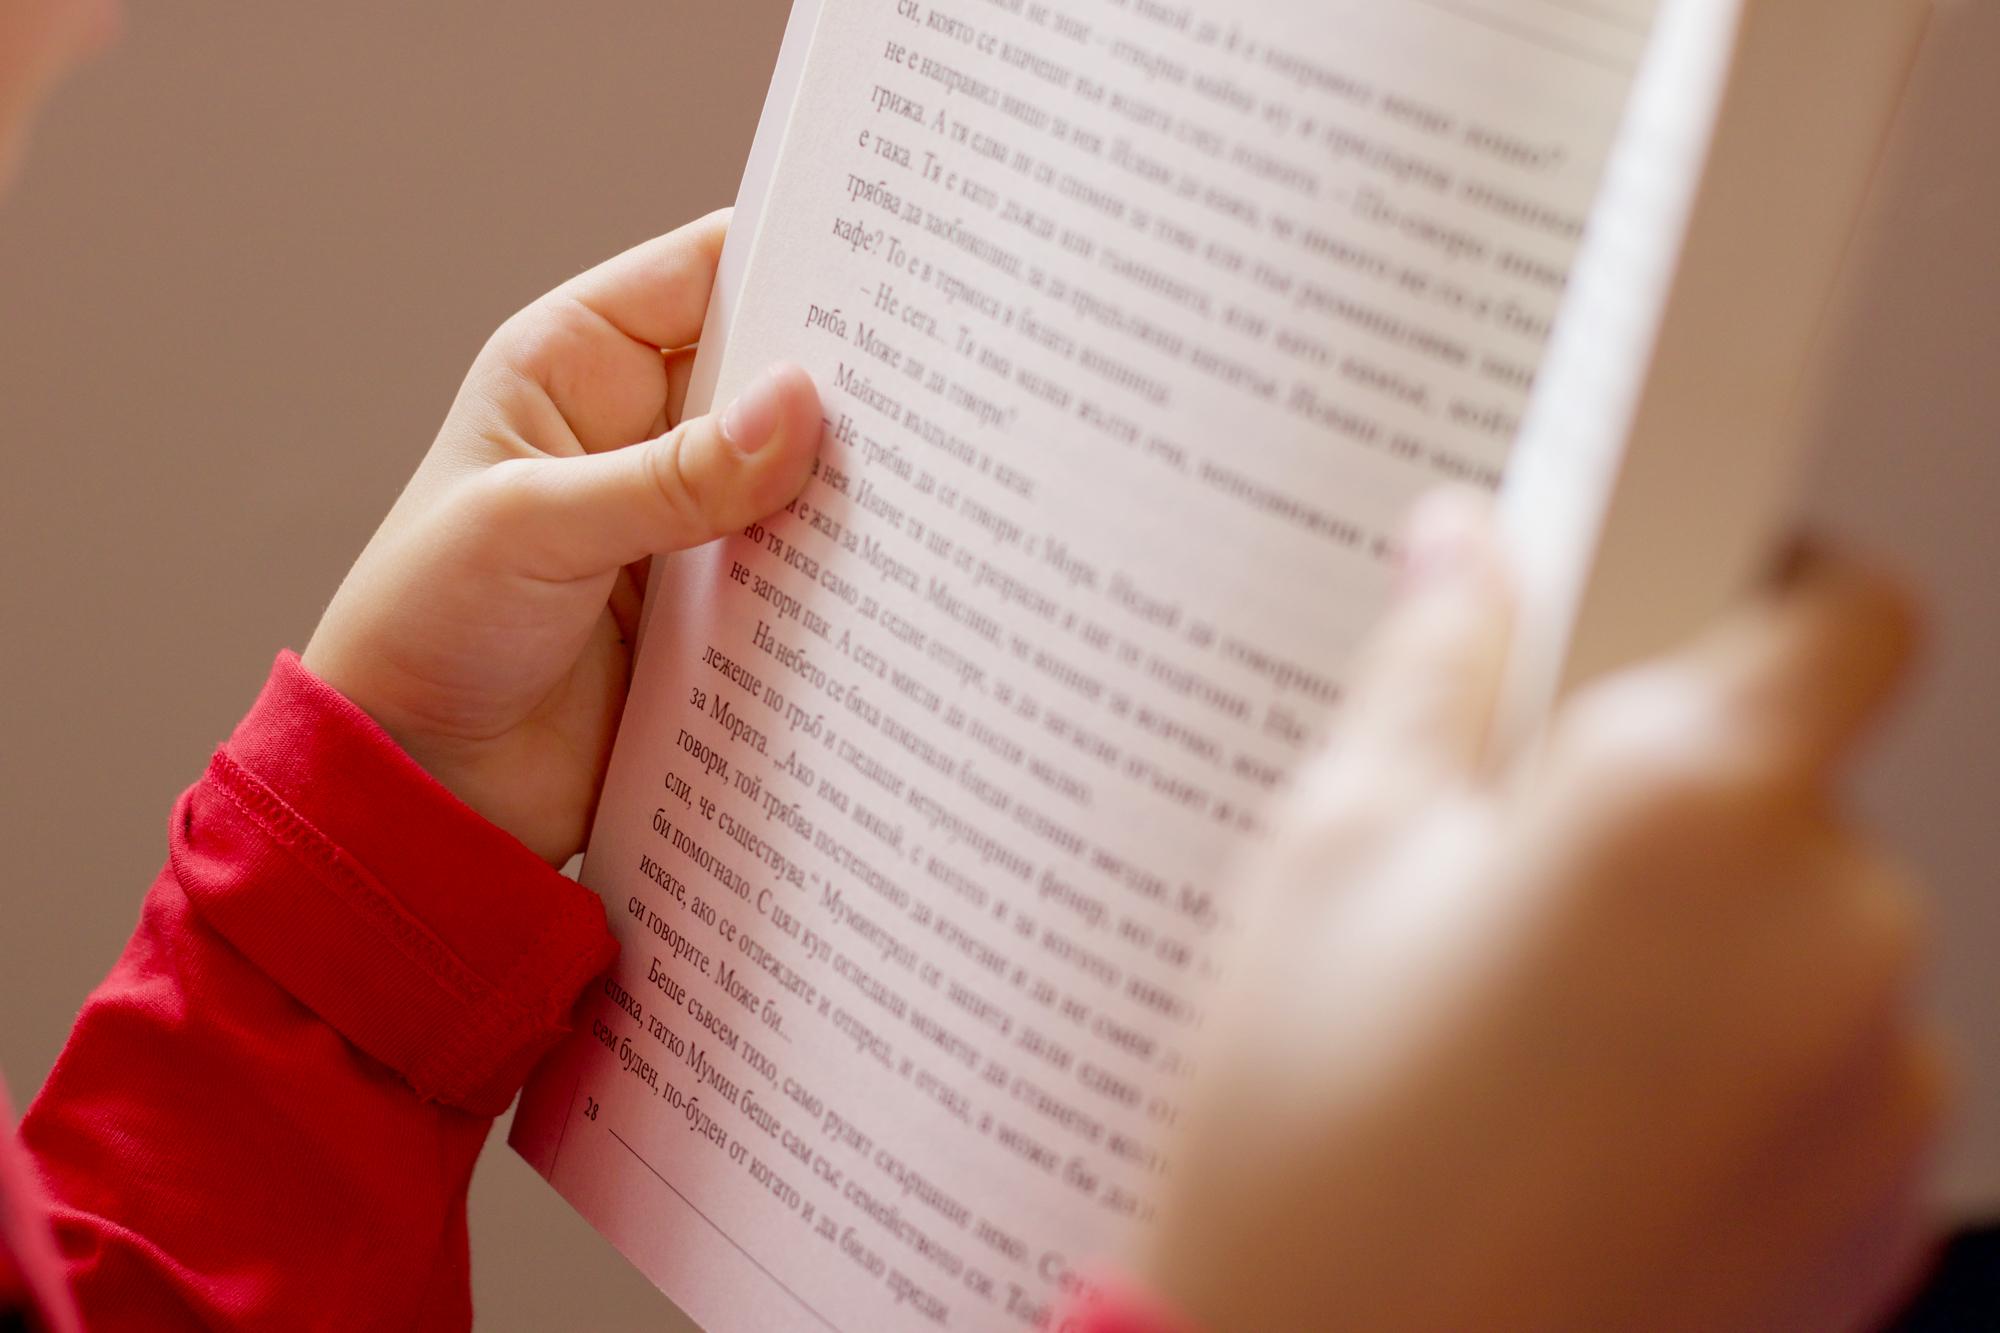 Хубавите детски книги – вдъхновение и за деца, и за възрастни